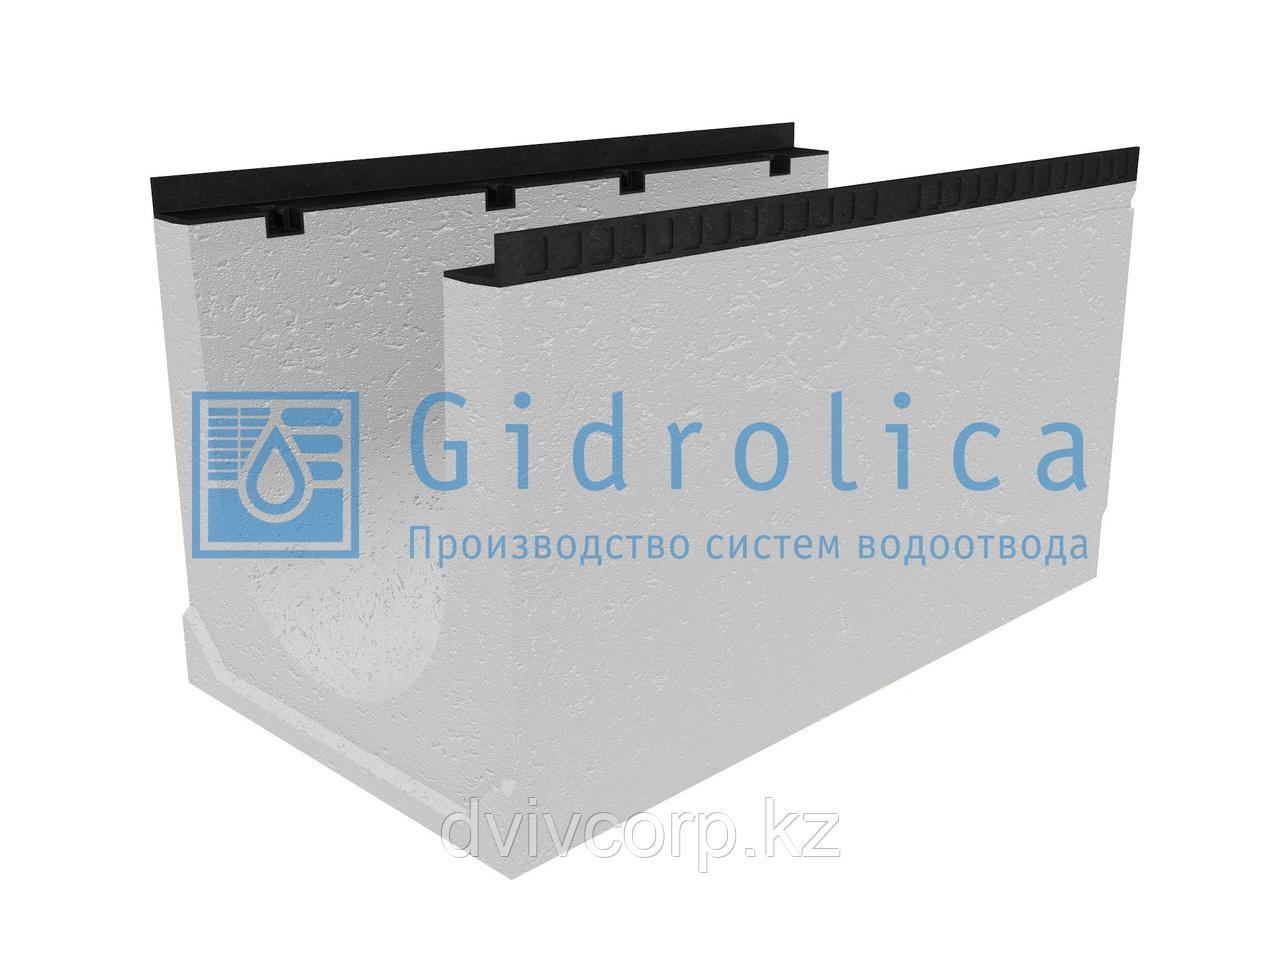 Лоток водоотводный бетонный коробчатый (СО-400мм) КU 100.54(40).55(47) - BGМ, № 20-0